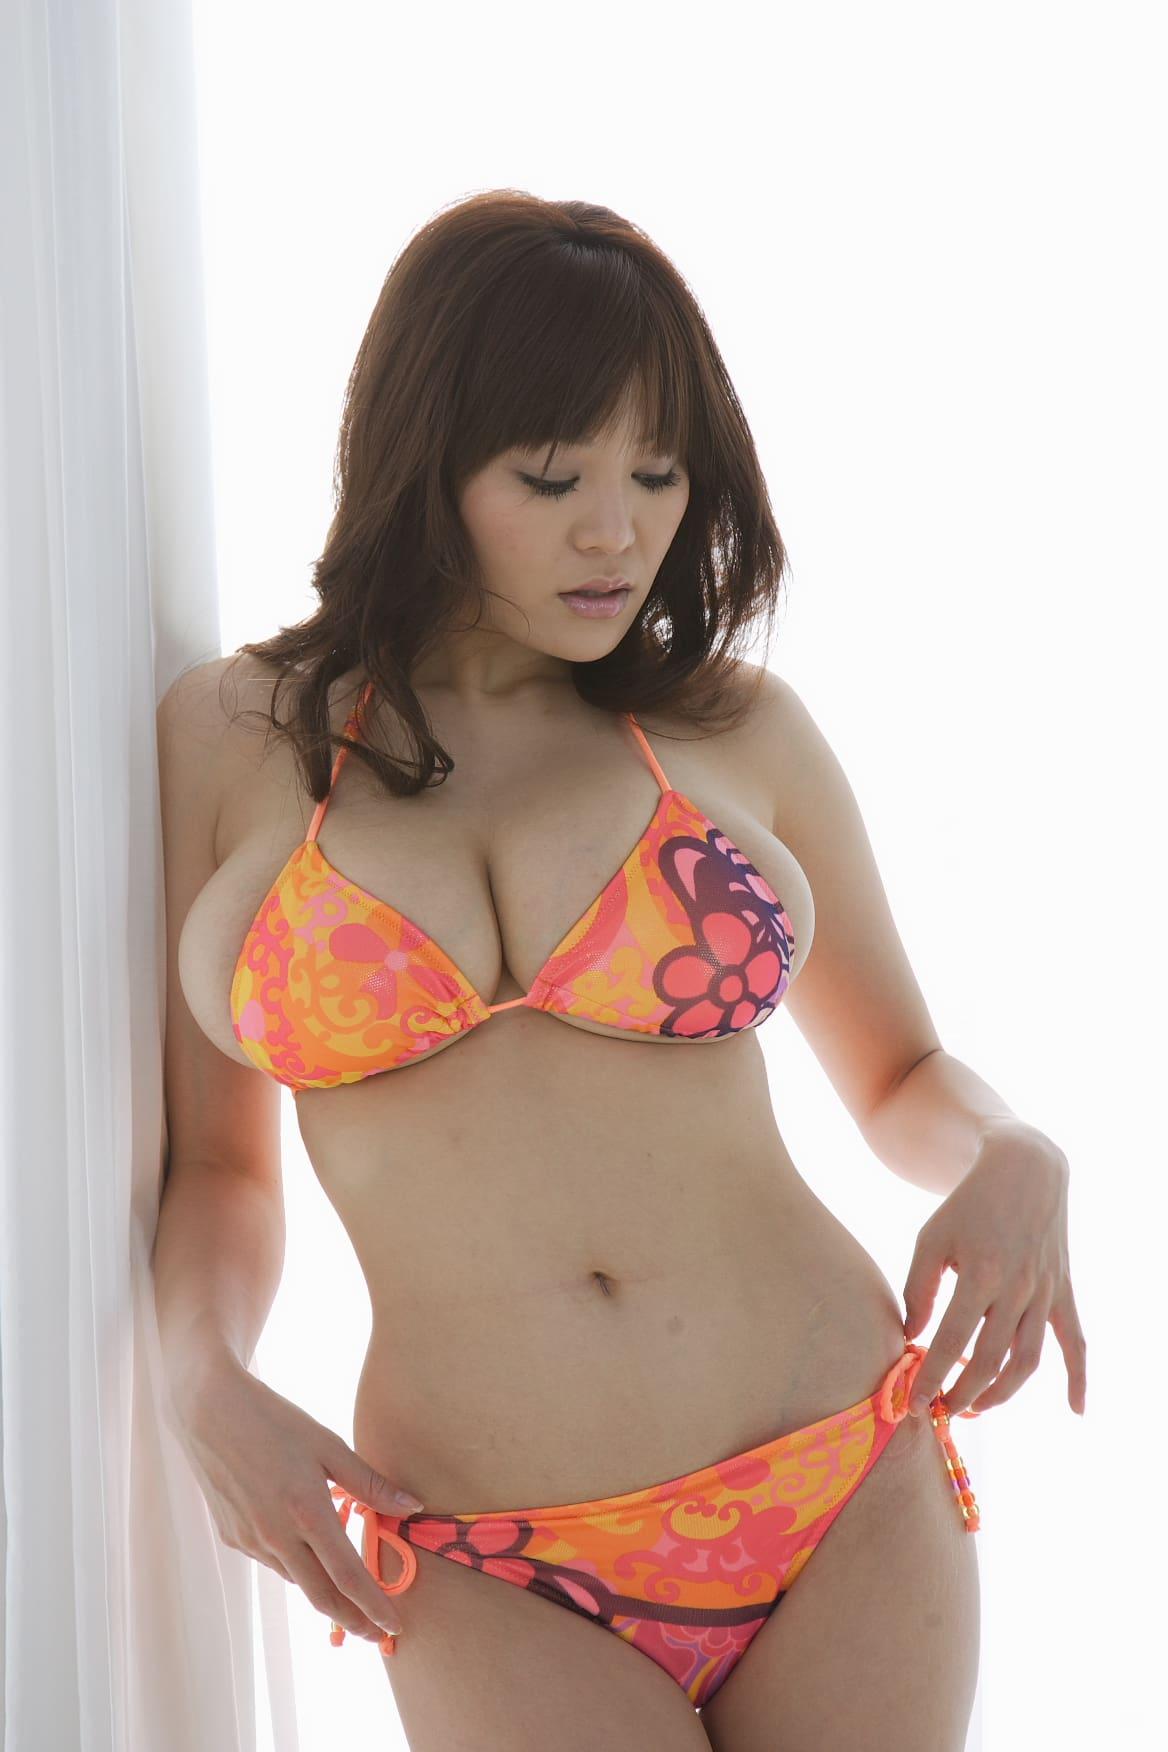 matsugane_yoko154.jpg